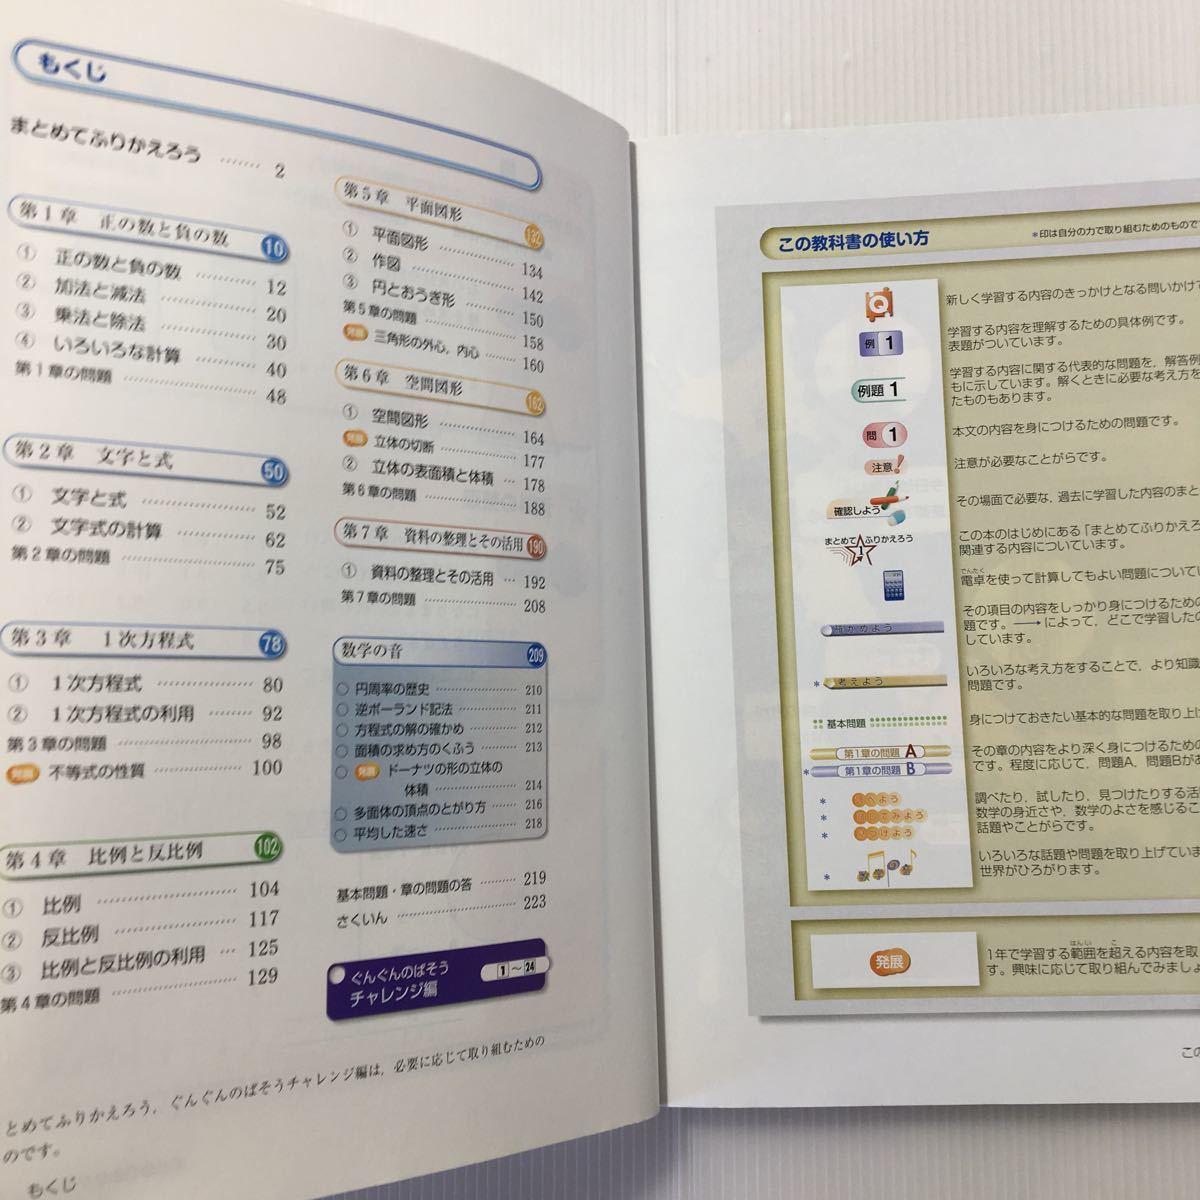 zaa-048★中学校数学 1 [平成24年度採用] 単行本 2011/2/1 岡部恒治 (著)